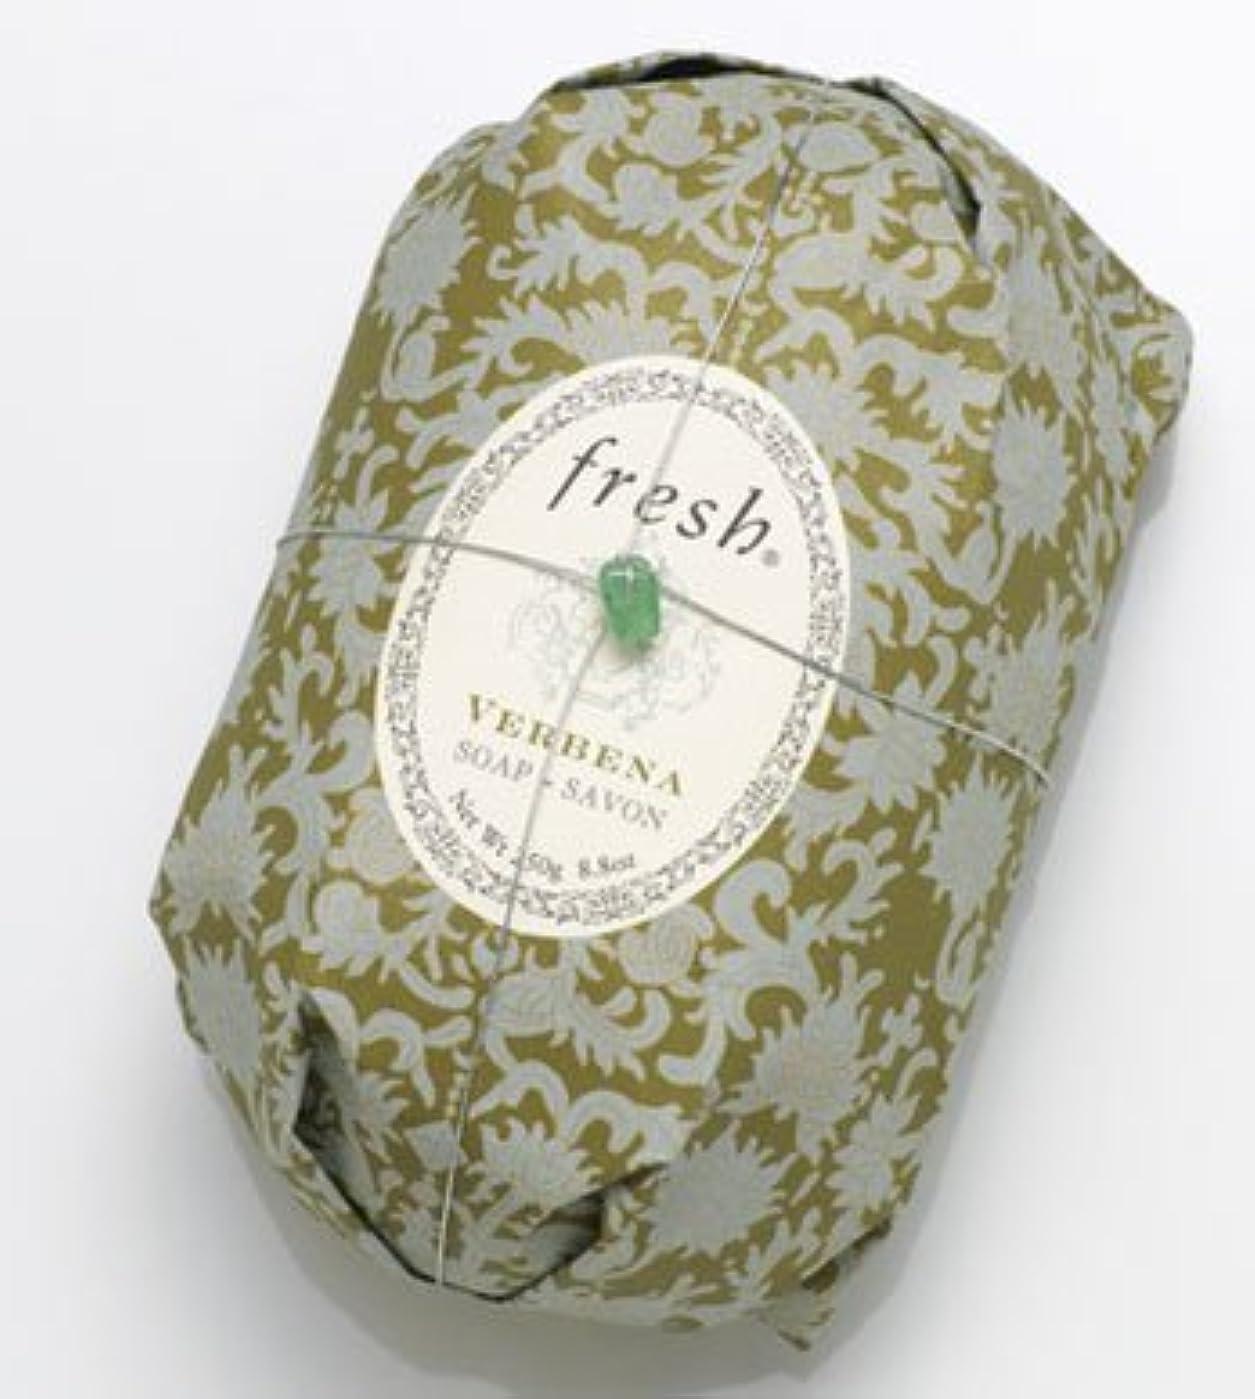 動物橋優先権Fresh VERBENA SOAP (フレッシュ バーベナ ソープ) 8.8 oz (250g) Soap (石鹸) by Fresh